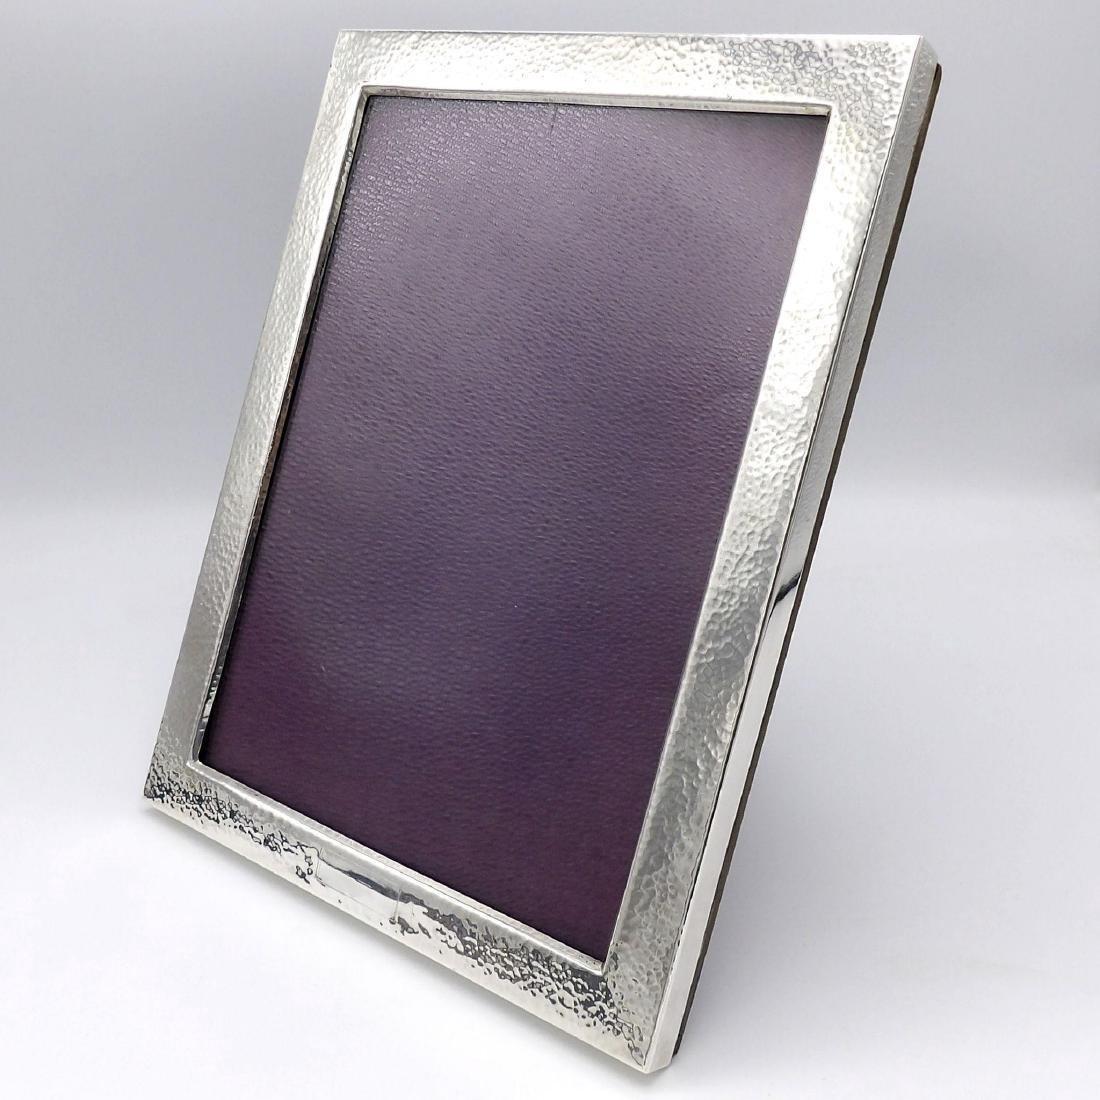 Vintage Arts & Crafts Hammered Sterling Silver Frame - 3